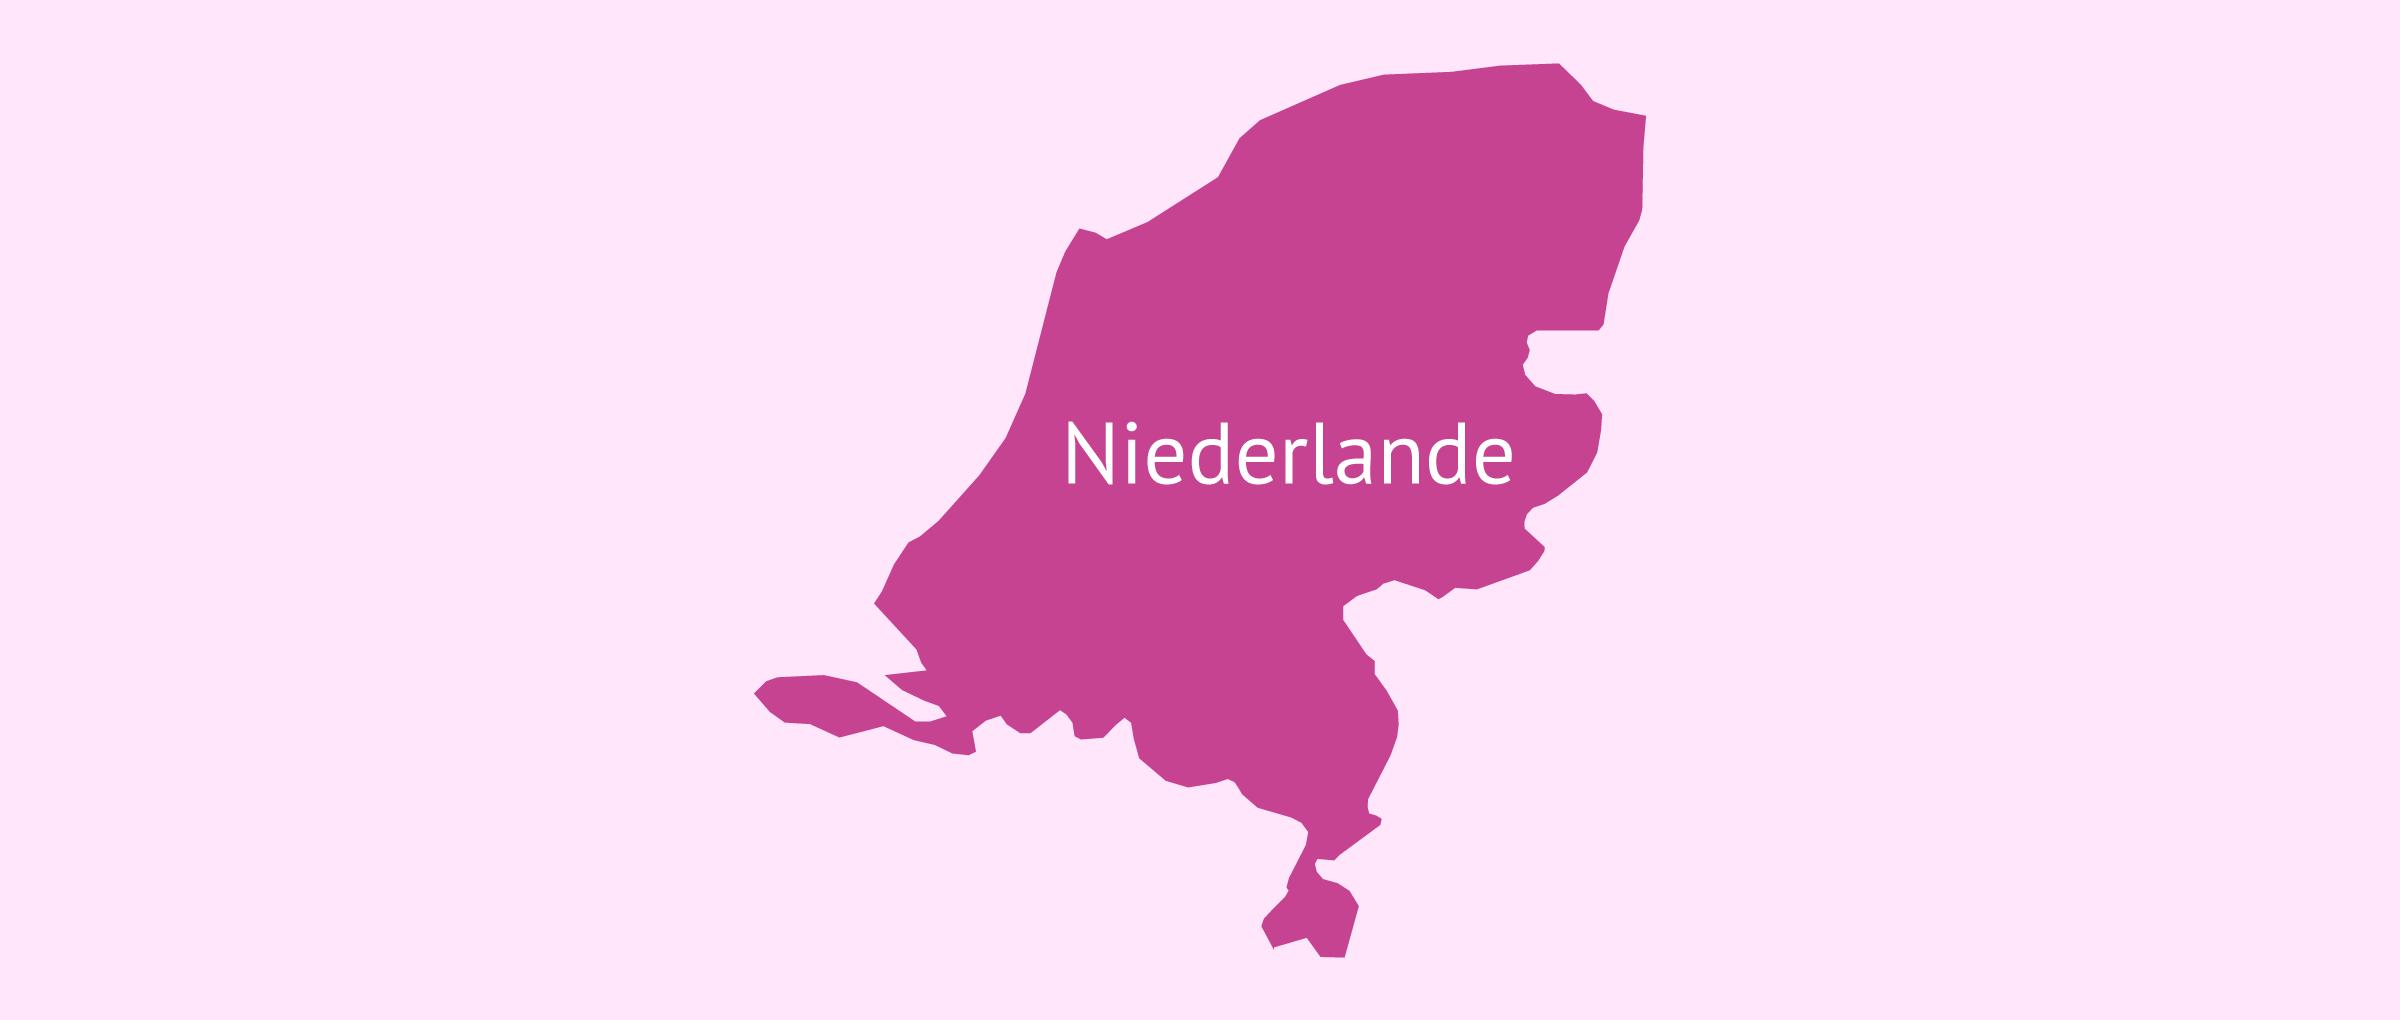 Leihmutterschaft in den Niederlanden: Wie ist die Rechtslage?